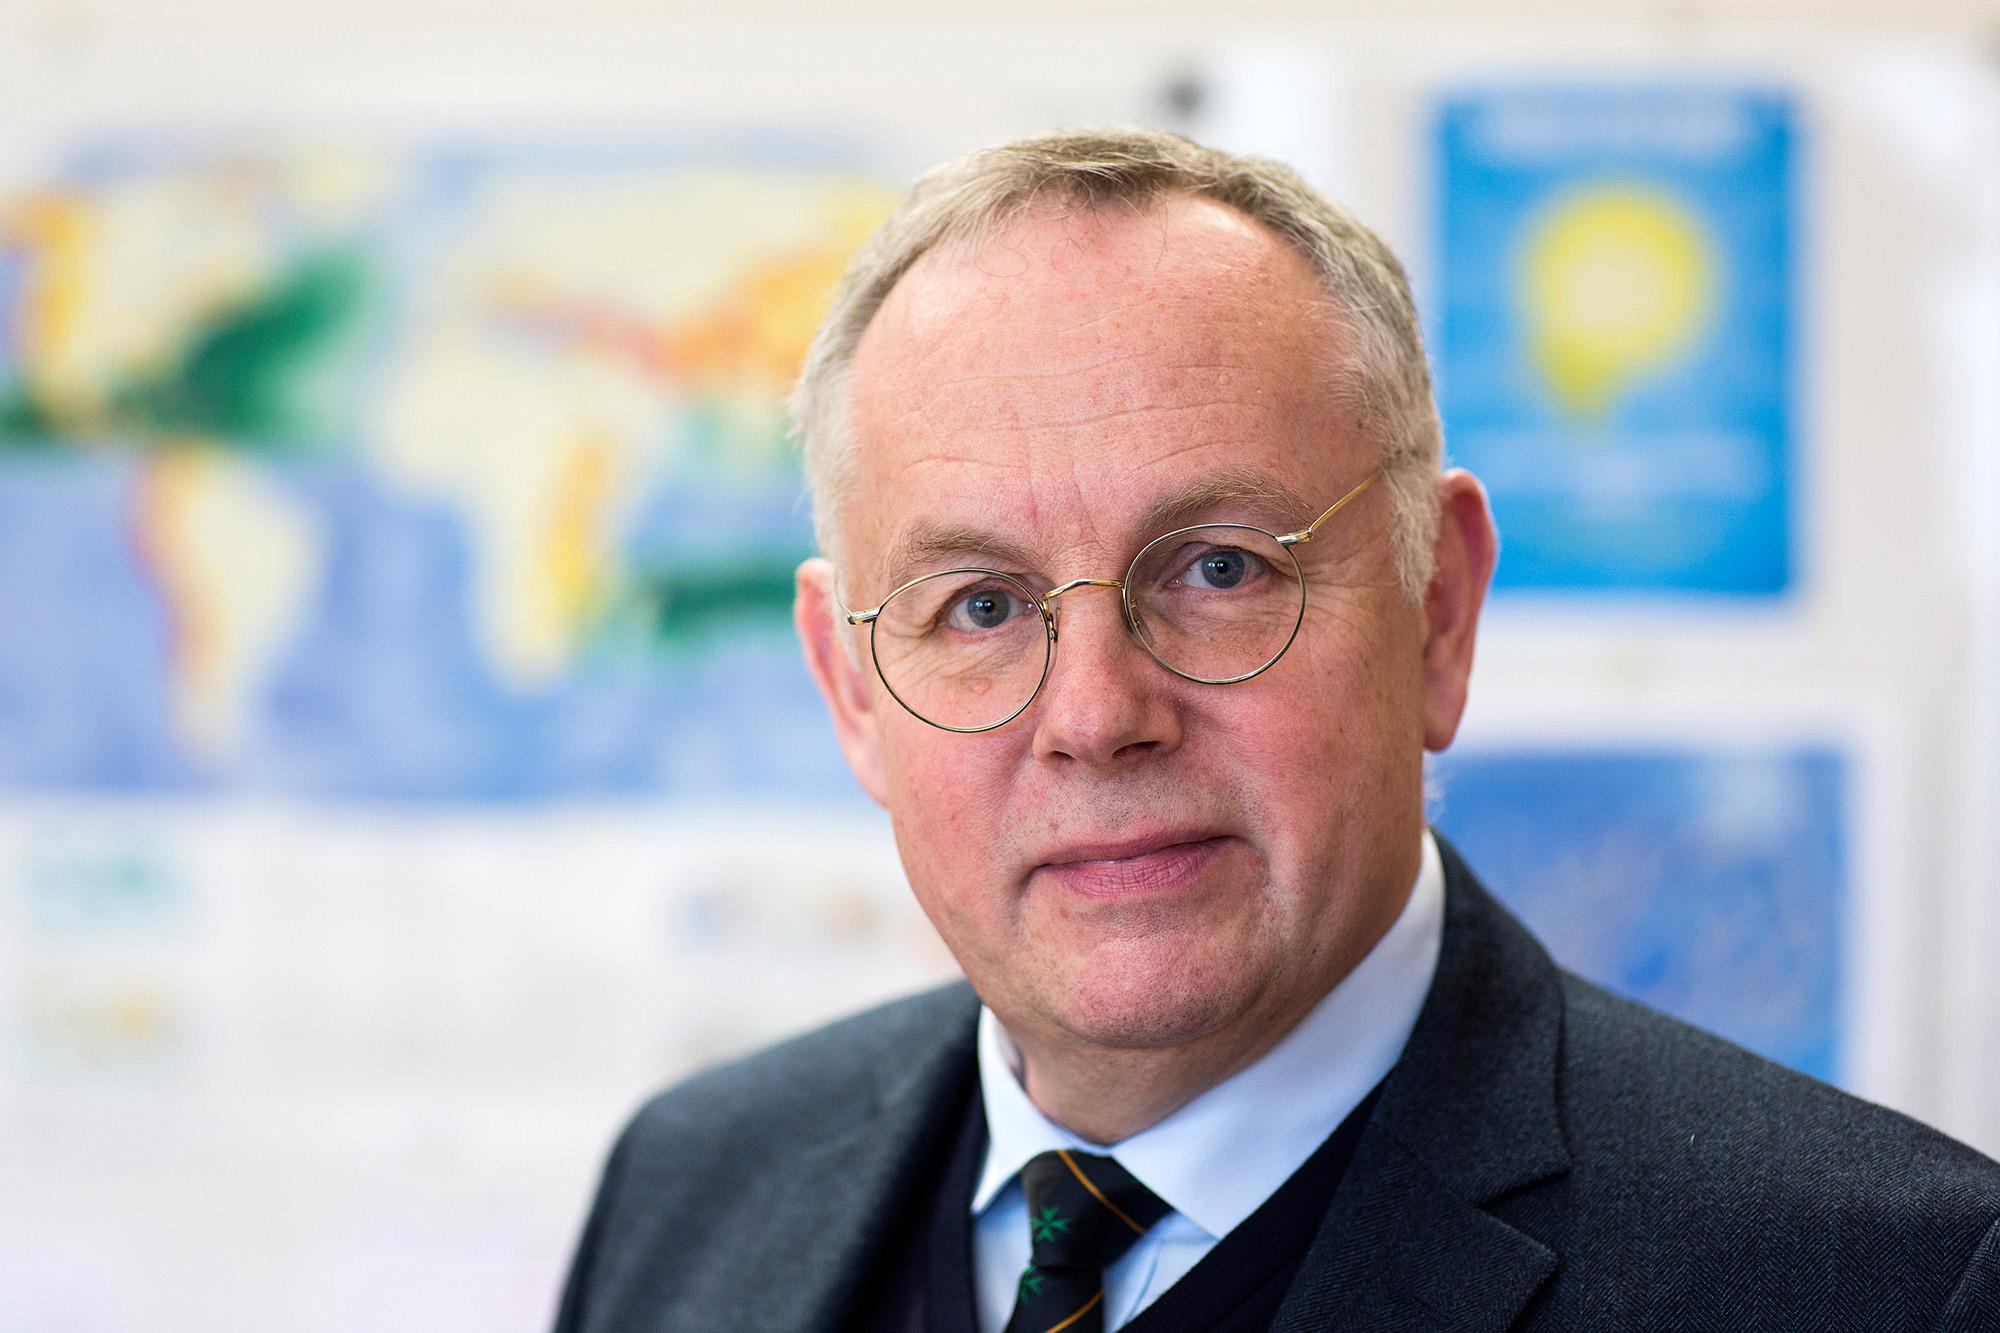 Prof. Gardemann